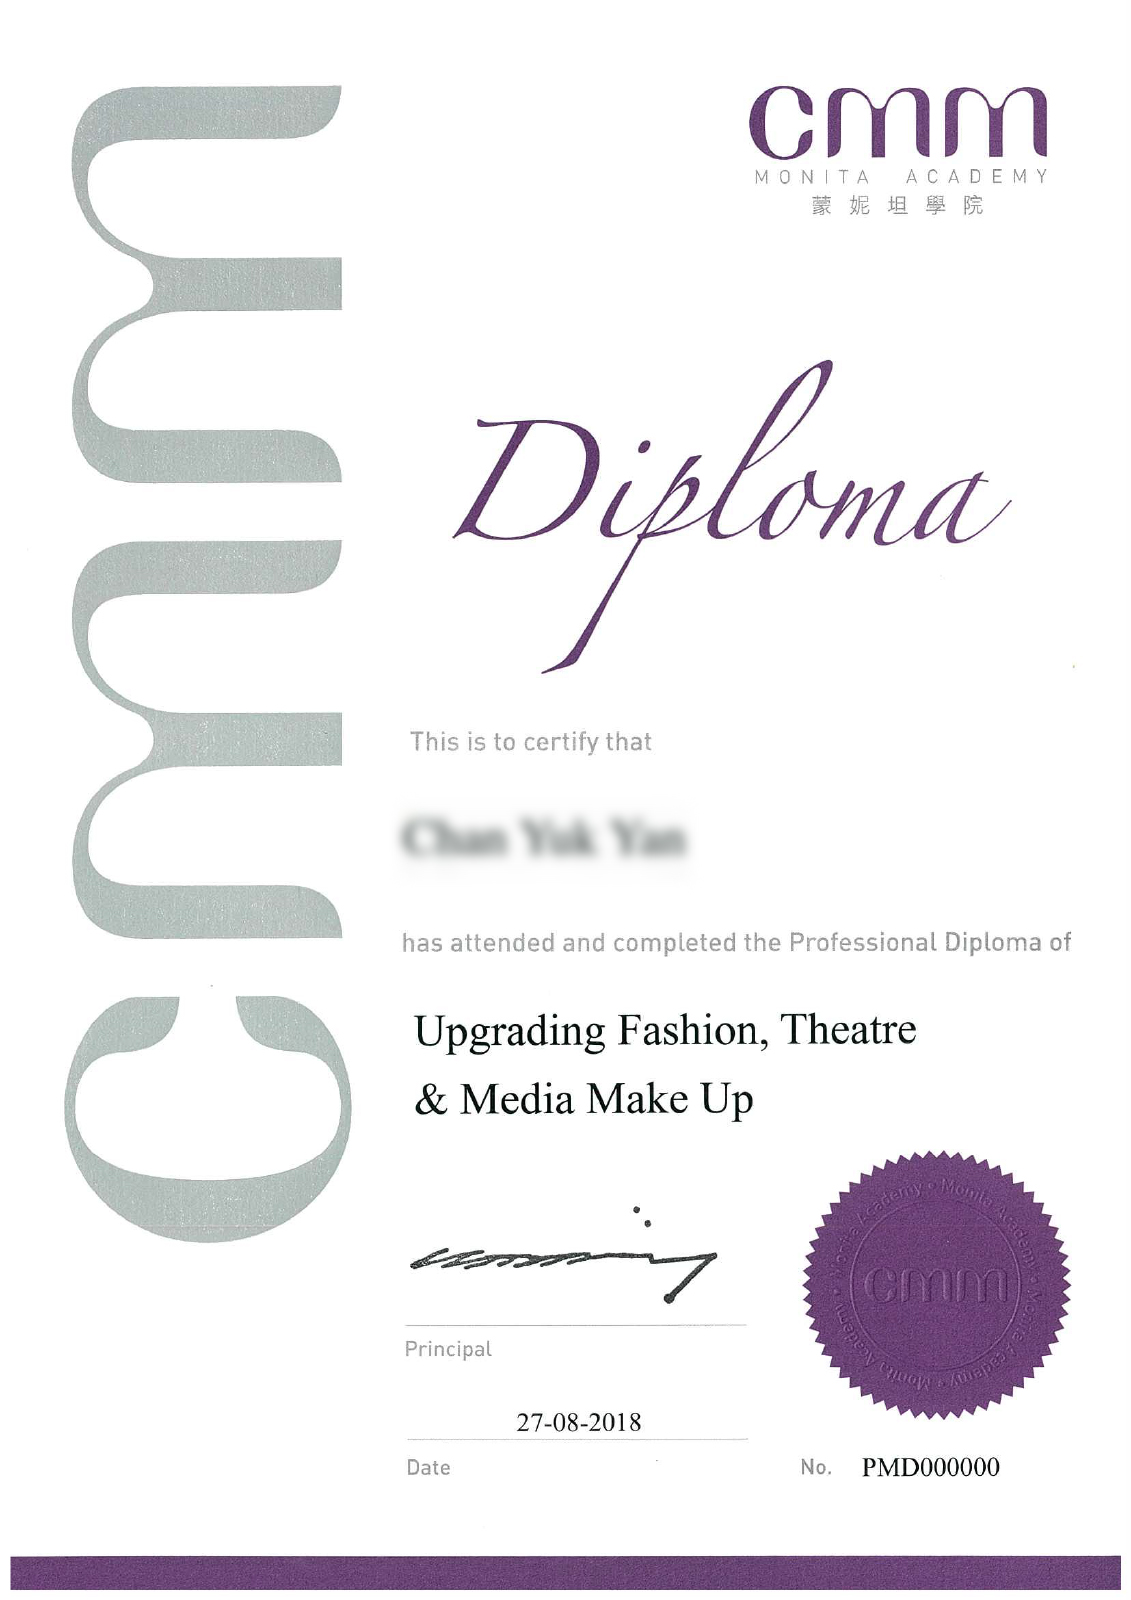 進階國際專業時裝、舞台、媒體化妝師⽂文憑